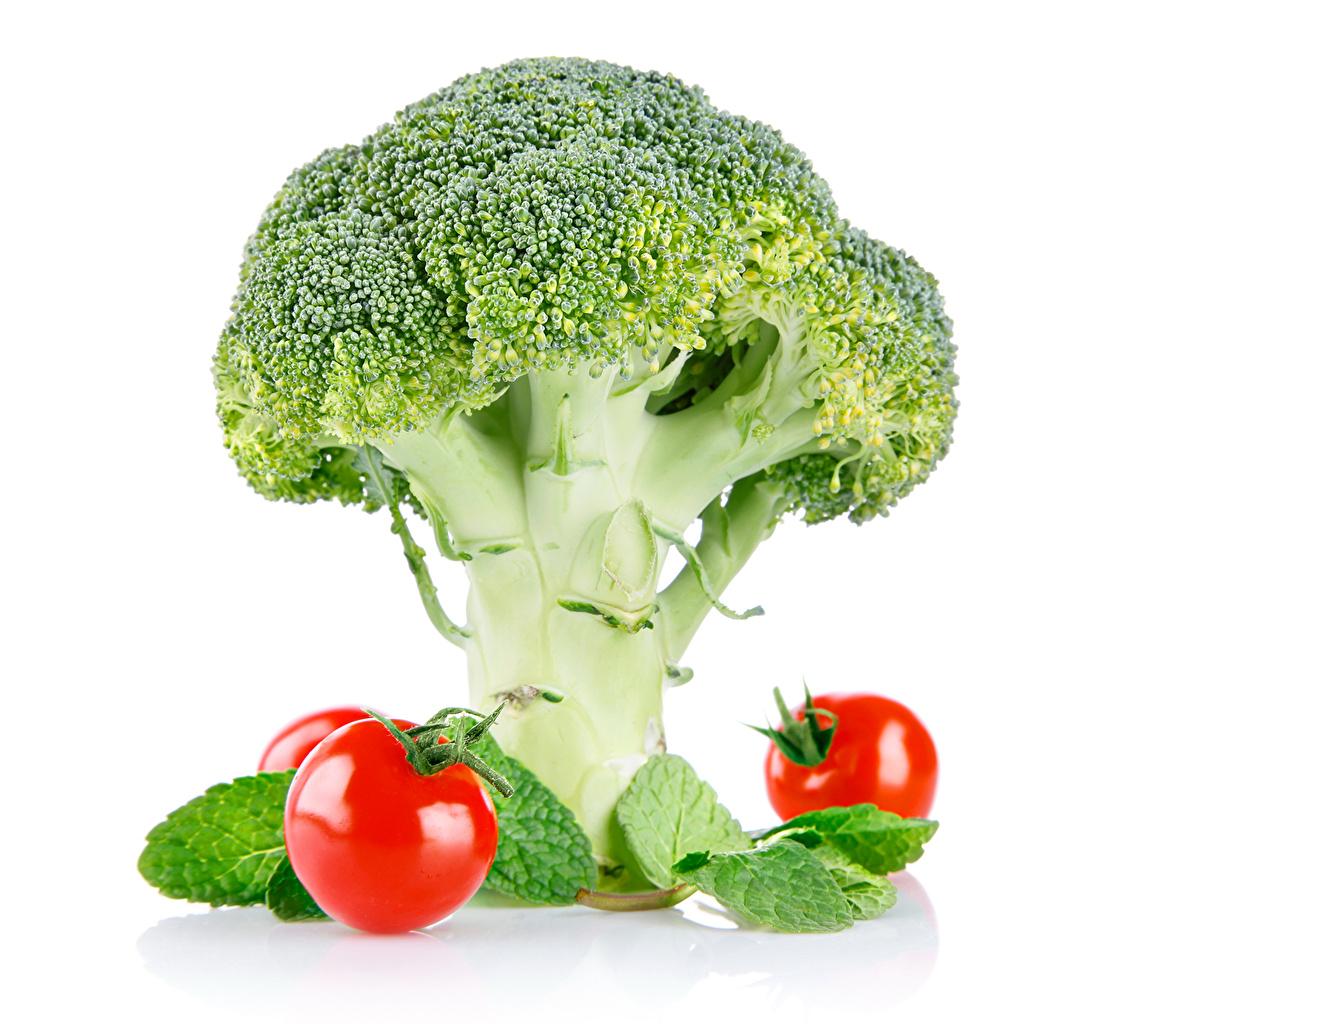 Фото Пища Капуста Помидоры Овощи Брокколи Еда Продукты питания Томаты